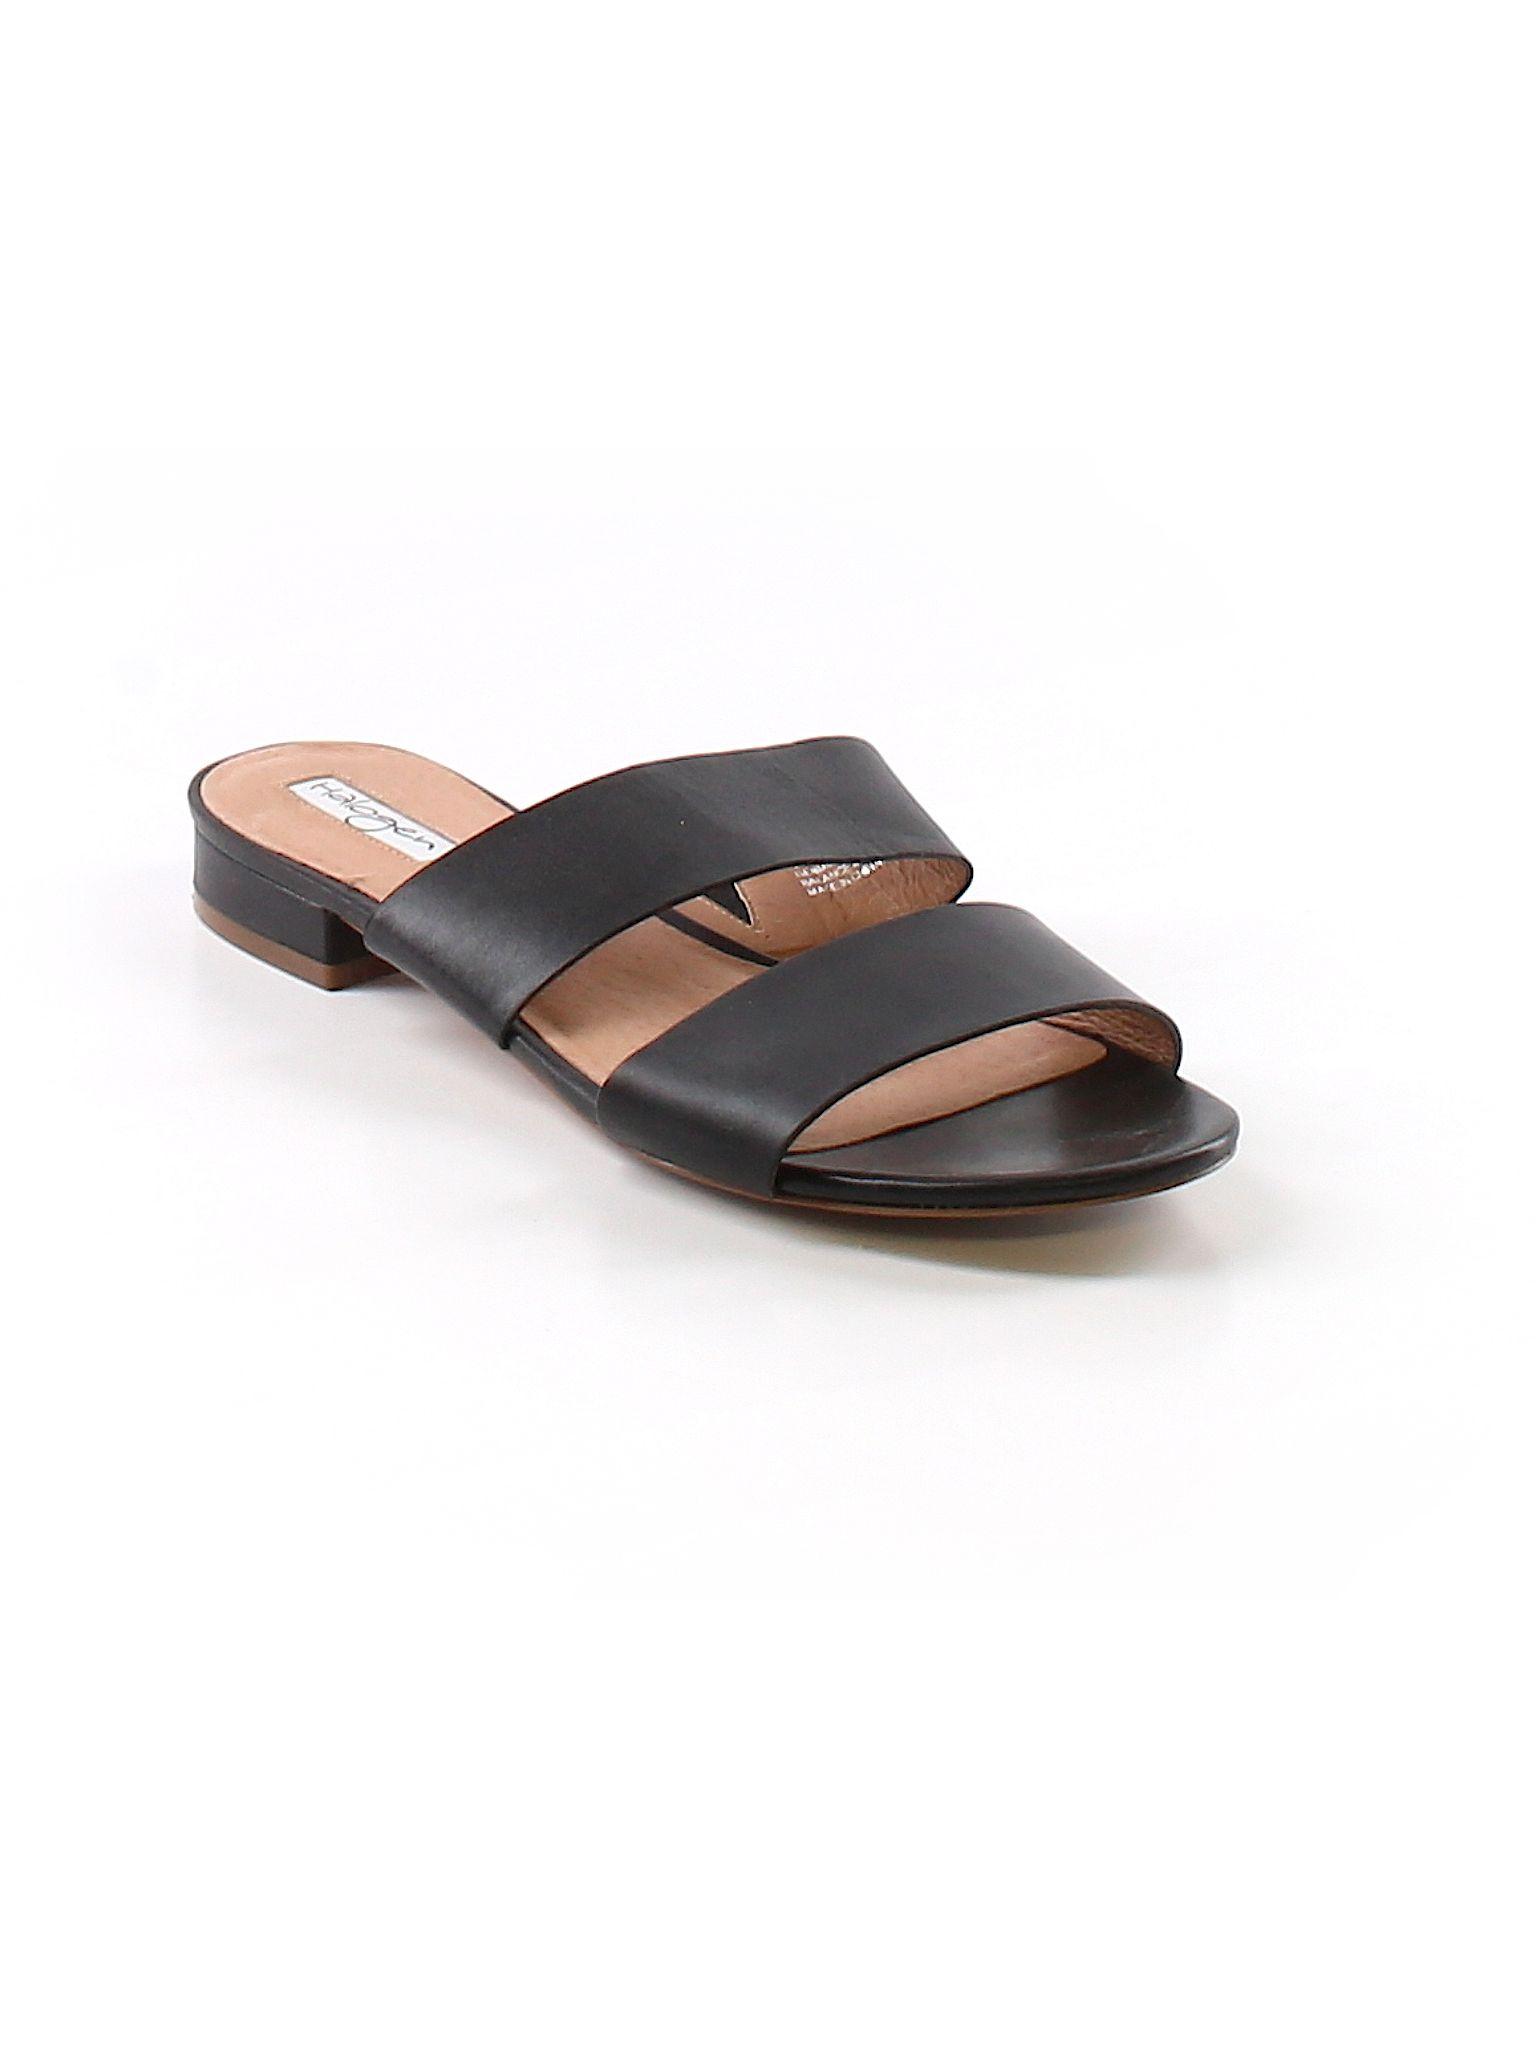 e50d1eabe9d2 Halogen Sandals  Size 9.00 Black Women s Clothing -  11.99 ...